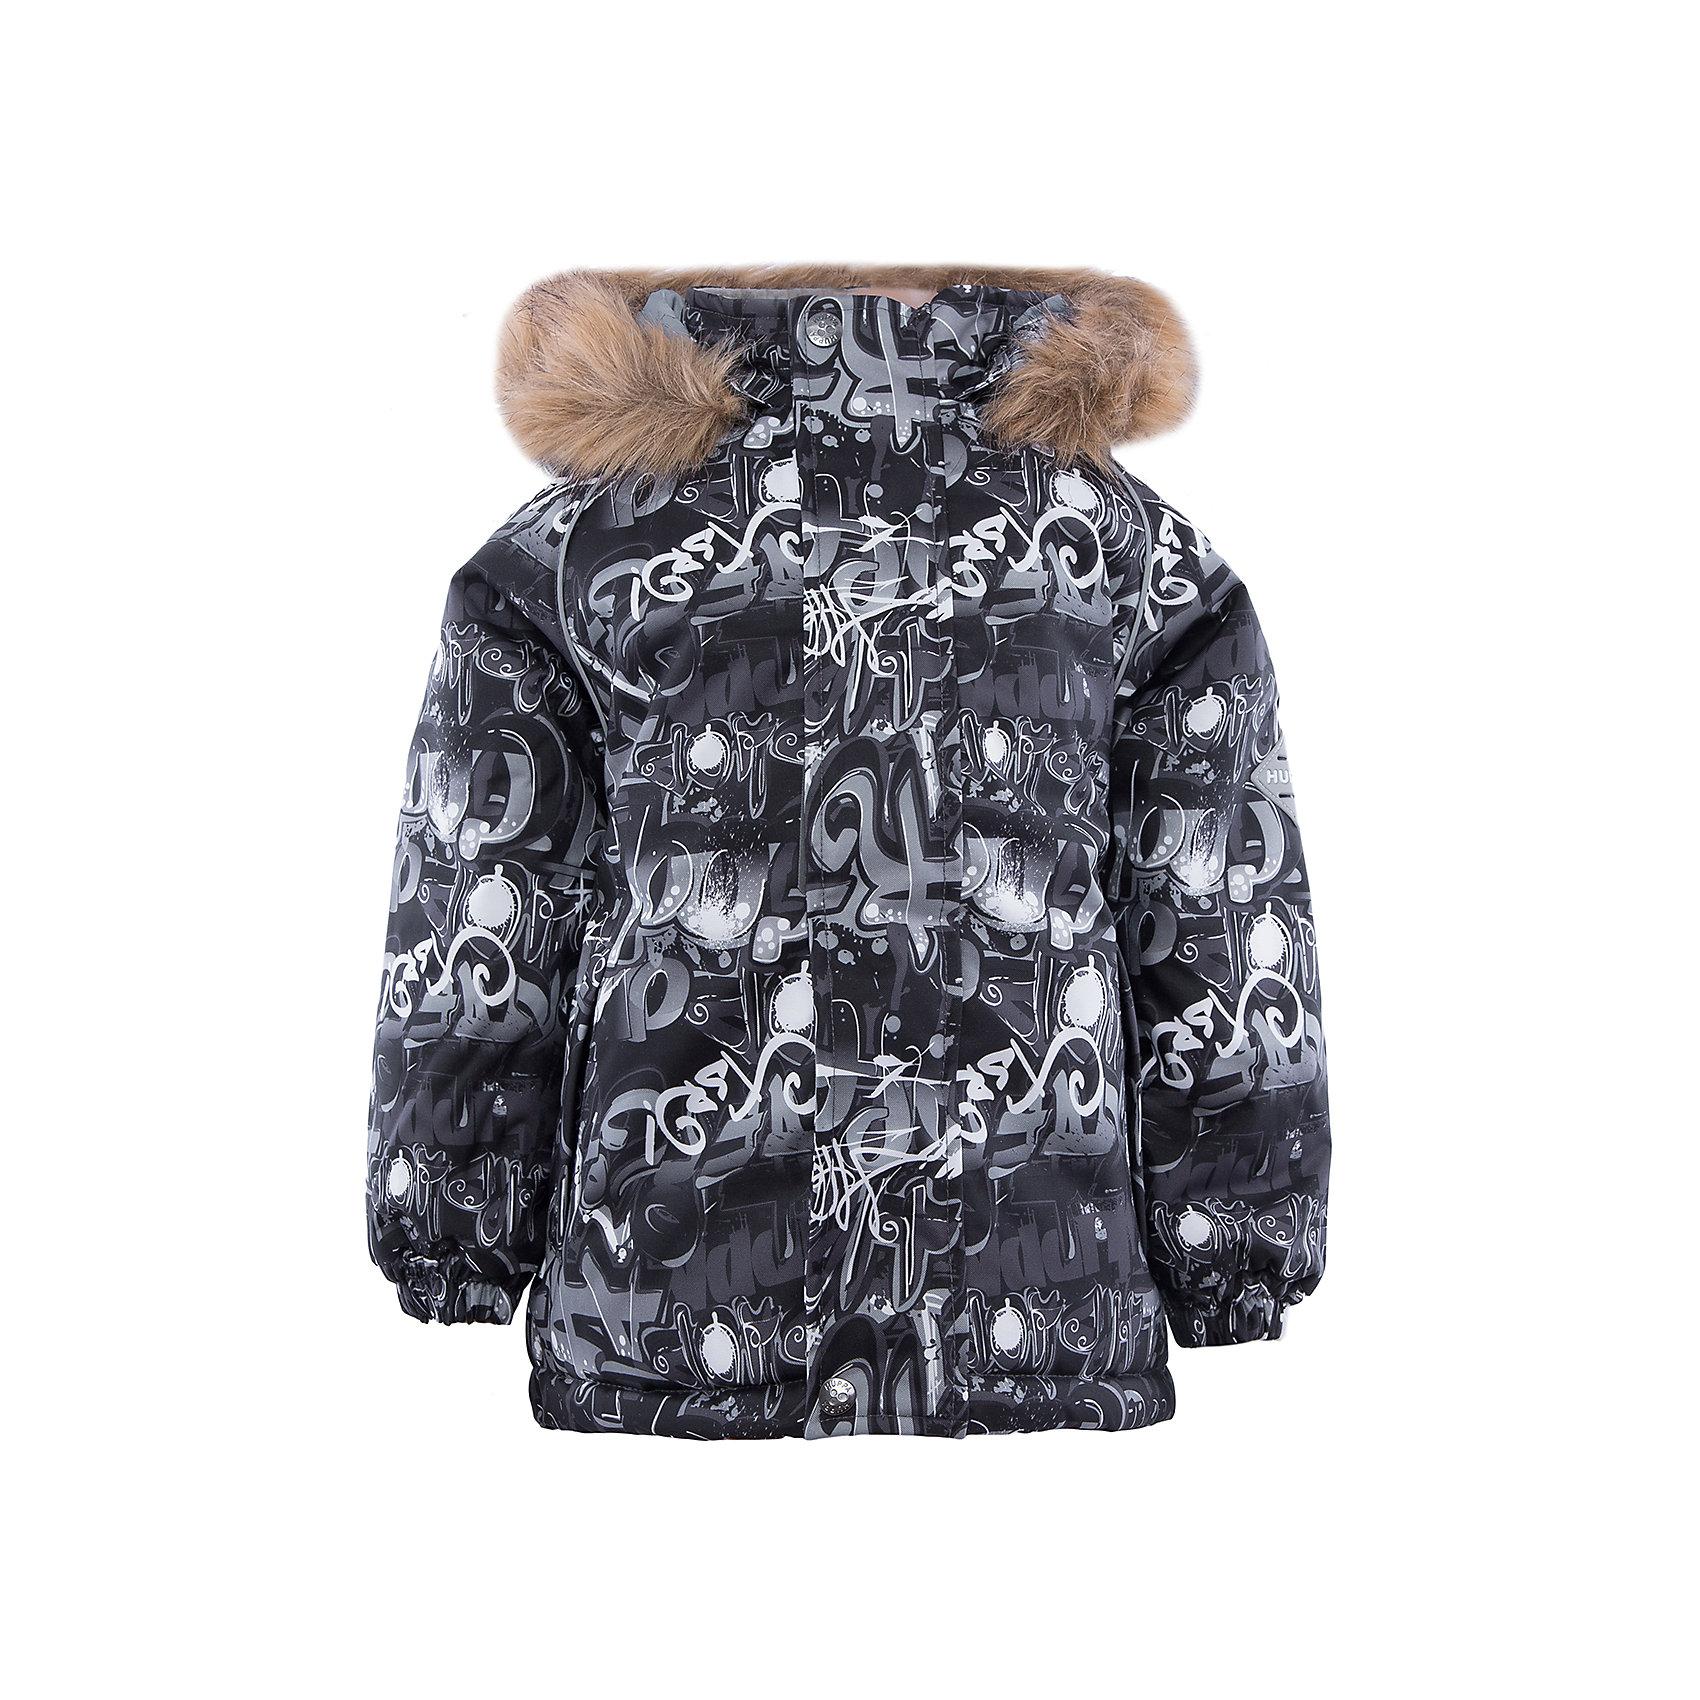 Куртка   для мальчика HuppaКуртка для мальчика MARINEL Huppa(Хуппа).<br><br>Утеплитель: 100% полиэстер, 300 гр.<br><br>Температурный режим: до -30 градусов. Степень утепления – высокая. <br><br>* Температурный режим указан приблизительно — необходимо, прежде всего, ориентироваться на ощущения ребенка. Температурный режим работает в случае соблюдения правила многослойности – использования флисовой поддевы и термобелья.<br><br>Изготовлена из теплых и прочных материалов. Верх куртки с дышащей водоотталкивающей поверхностью поможет ребенку оставаться в сухости и тепле. На манжетах предусмотрены резинки, чтобы снег не попадал под одежду. Капюшон куртки с искусственным мехом отстегивается. <br>Куртка легко стирается, быстро сохнет и защищена от истирания. Отлично подойдет для зимних прогулок.<br><br>Дополнительная информация:<br>Материал: 100% полиэстер<br>Подкладка: тафта - 100% полиэстер, флис - 100% полиэстер<br>Цвет: белый/серый<br><br>Куртку MARINEL Huppa(Хуппа) можно купить в нашем интернет-магазине.<br><br>Ширина мм: 356<br>Глубина мм: 10<br>Высота мм: 245<br>Вес г: 519<br>Цвет: серый<br>Возраст от месяцев: 24<br>Возраст до месяцев: 36<br>Пол: Мужской<br>Возраст: Детский<br>Размер: 98,140,92,104,110,116,122,128,134<br>SKU: 4928147